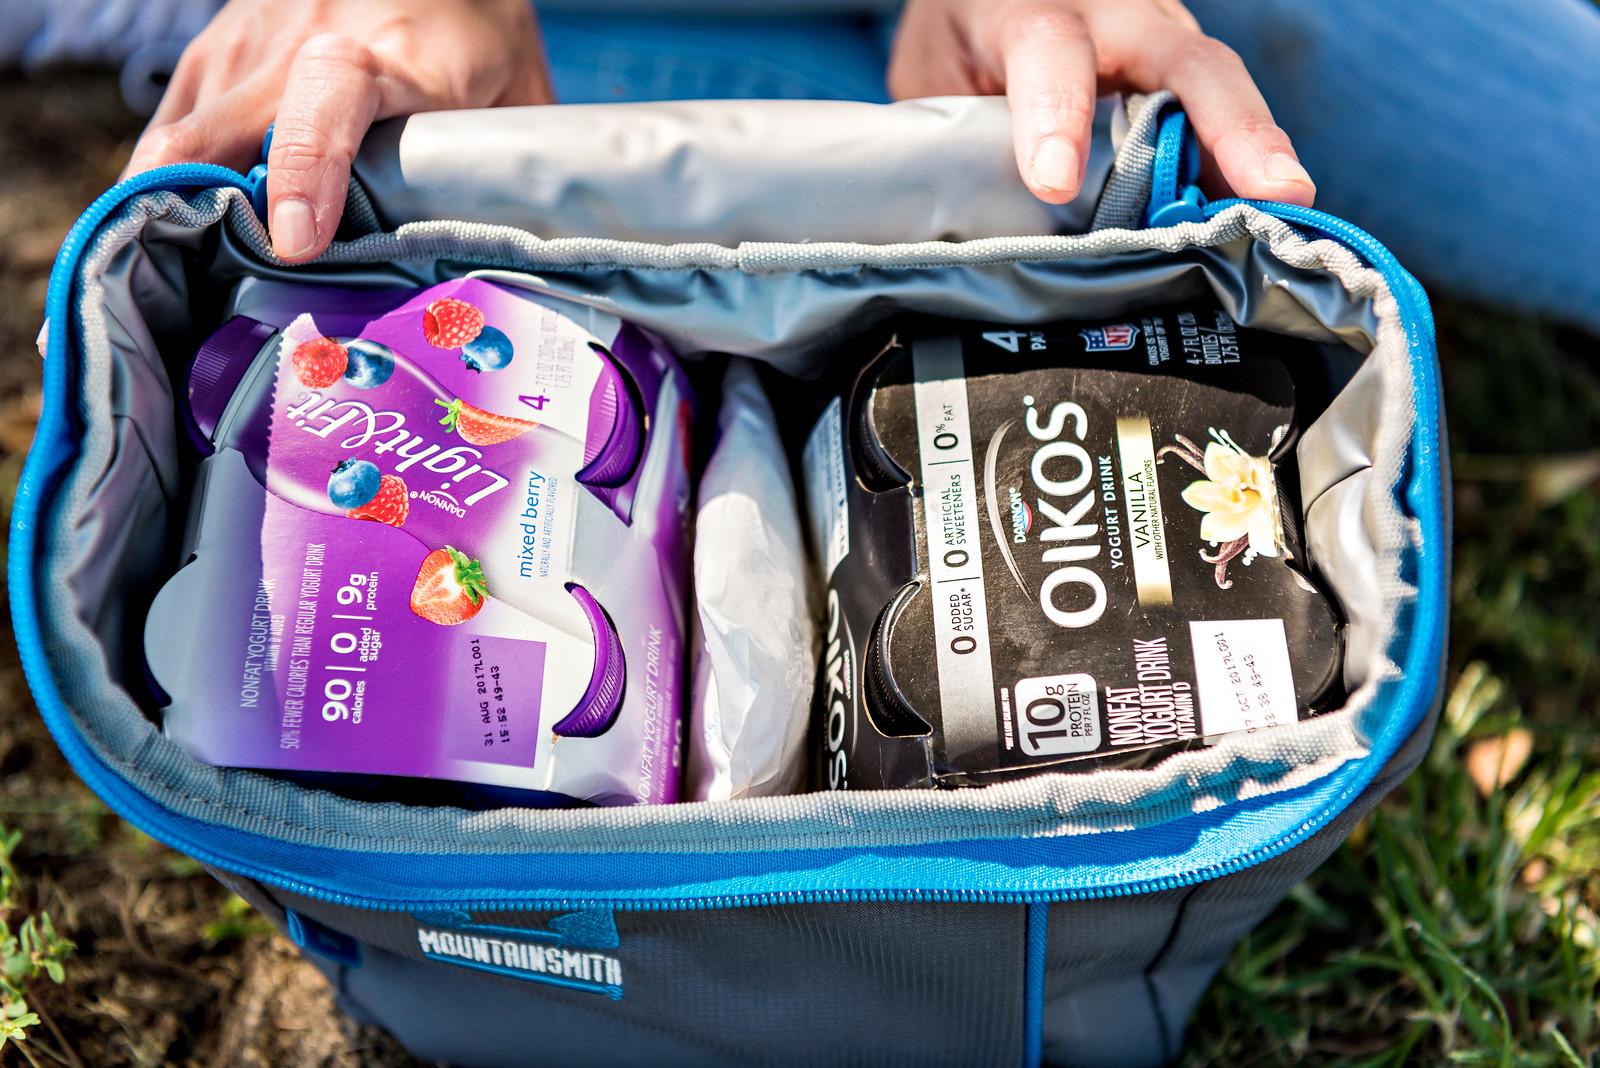 Dannon ® Light & Fit ® Nonfat Yogurt Drink 4 pack or Dannon ® Oikos® Nonfat Yogurt Drink